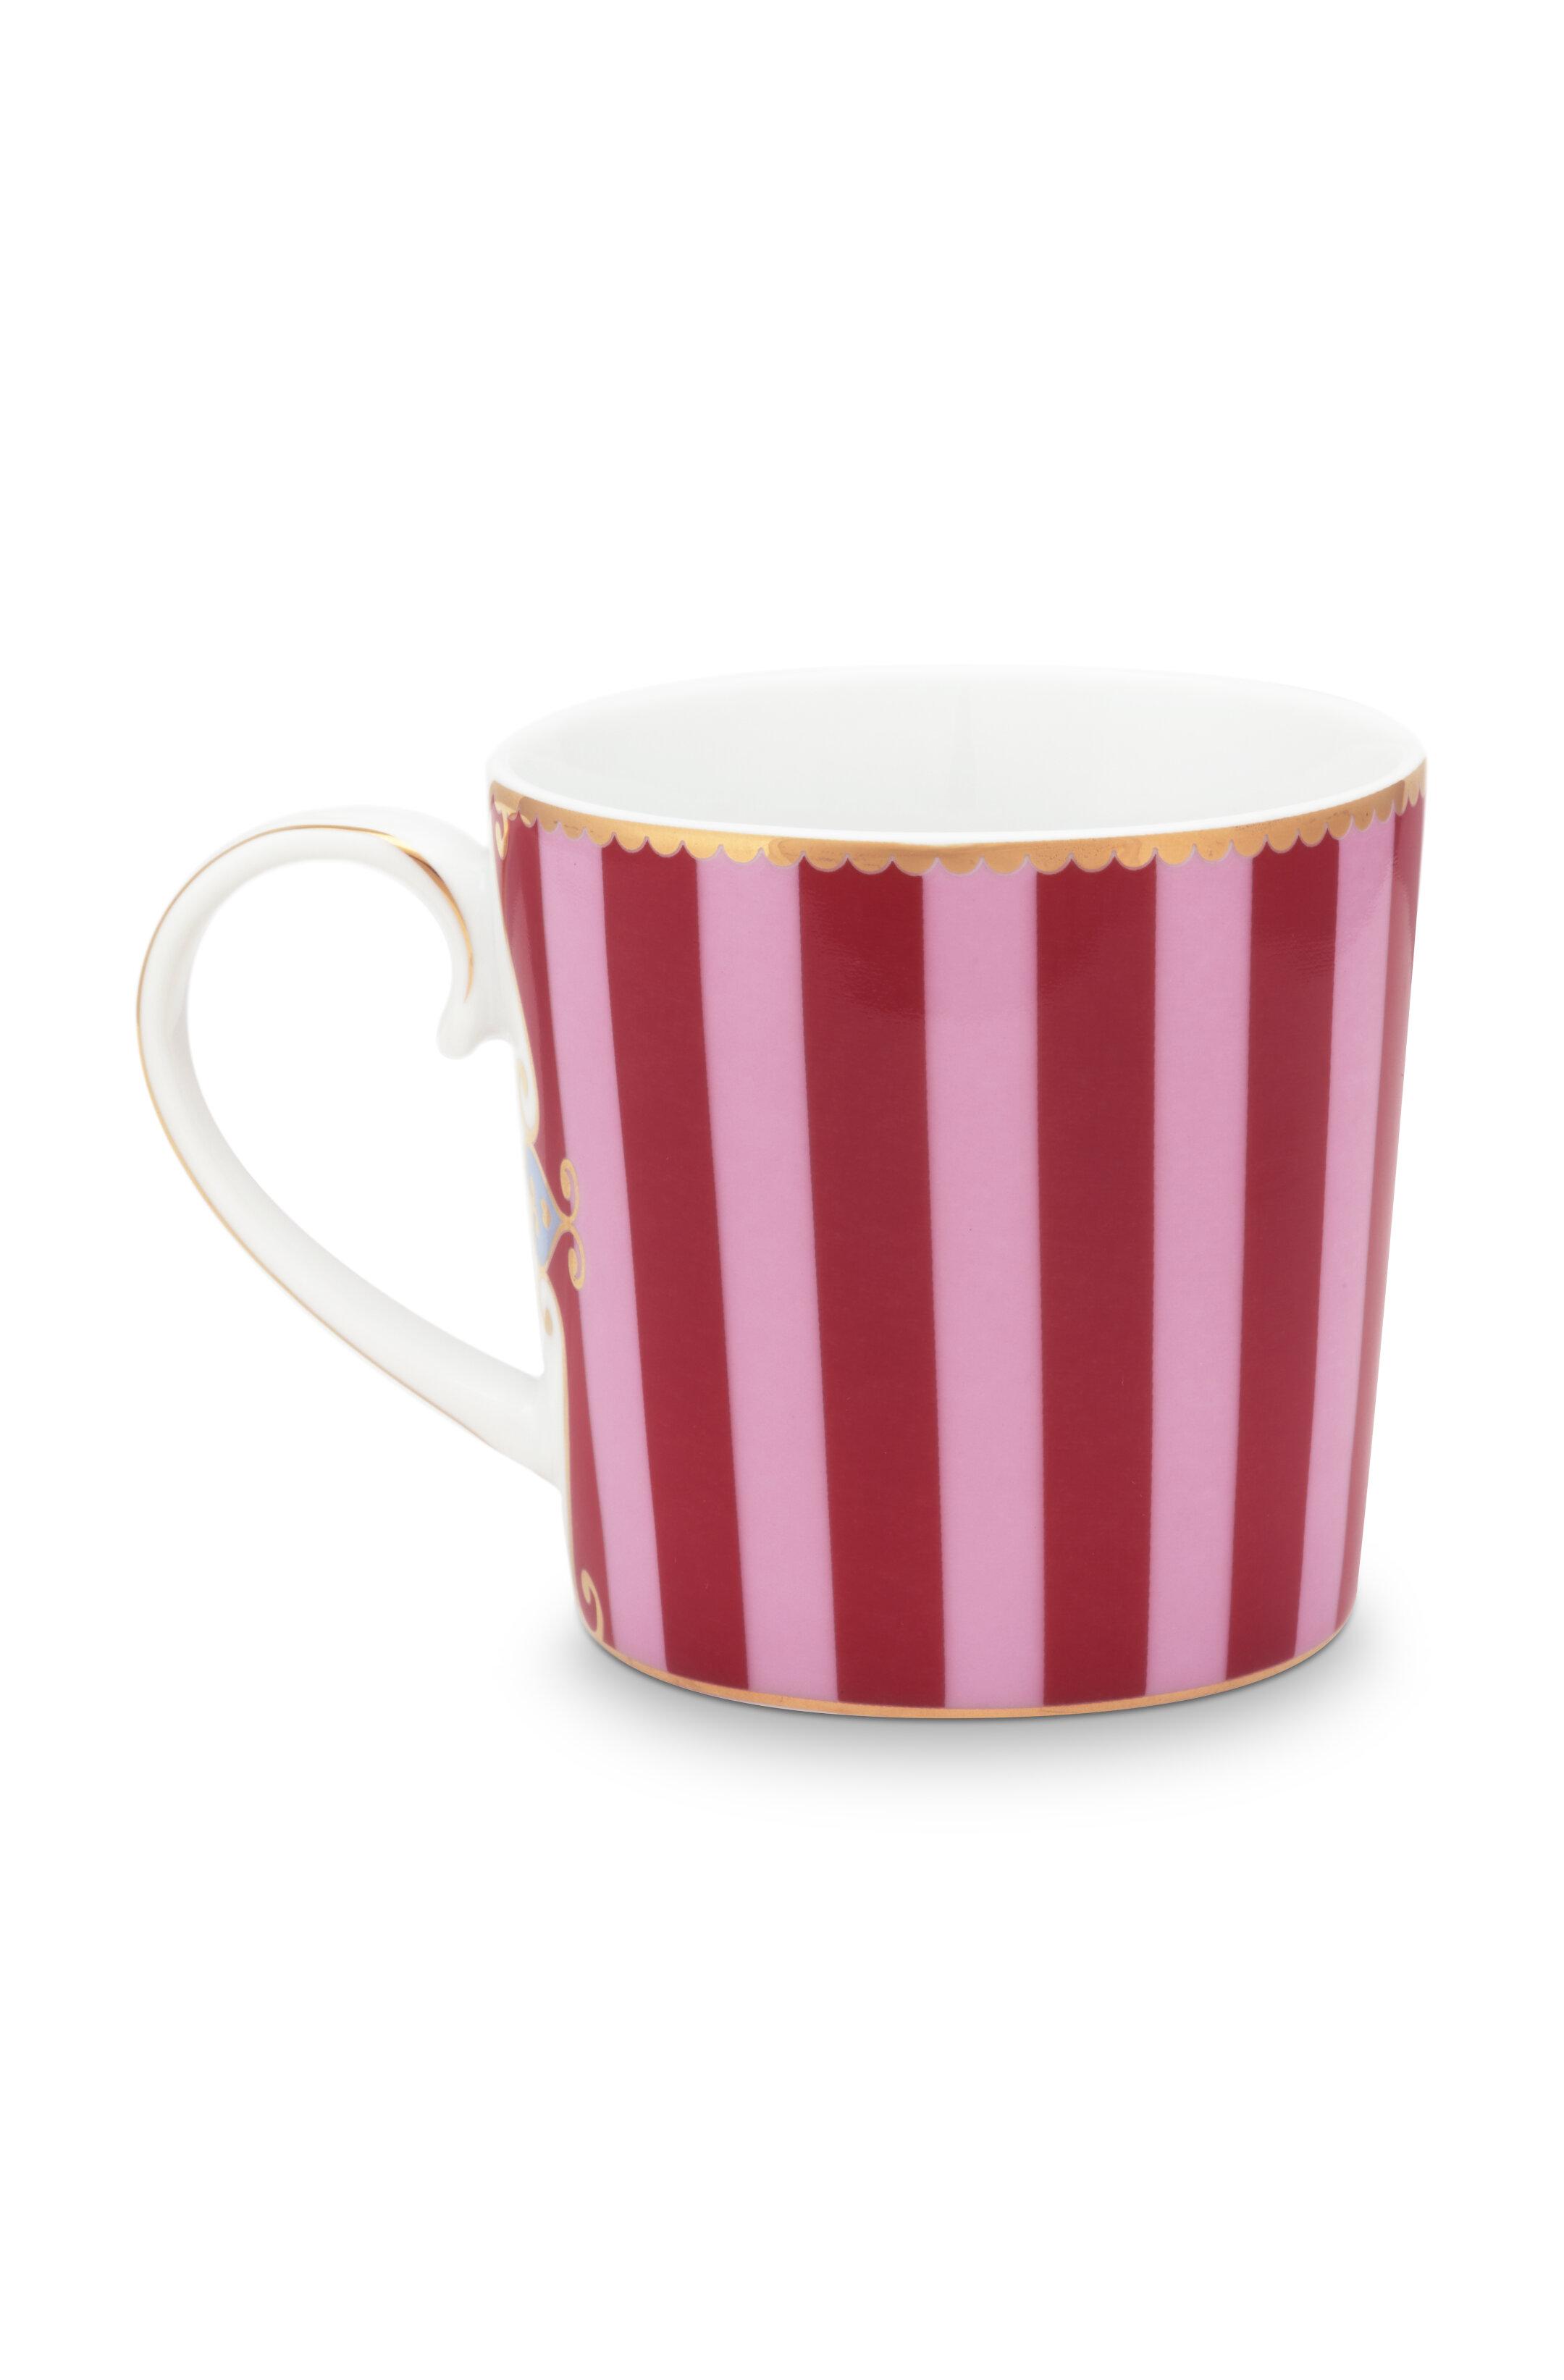 Pip Studio Love Birds Tasse Klein Stripes Red-Pink